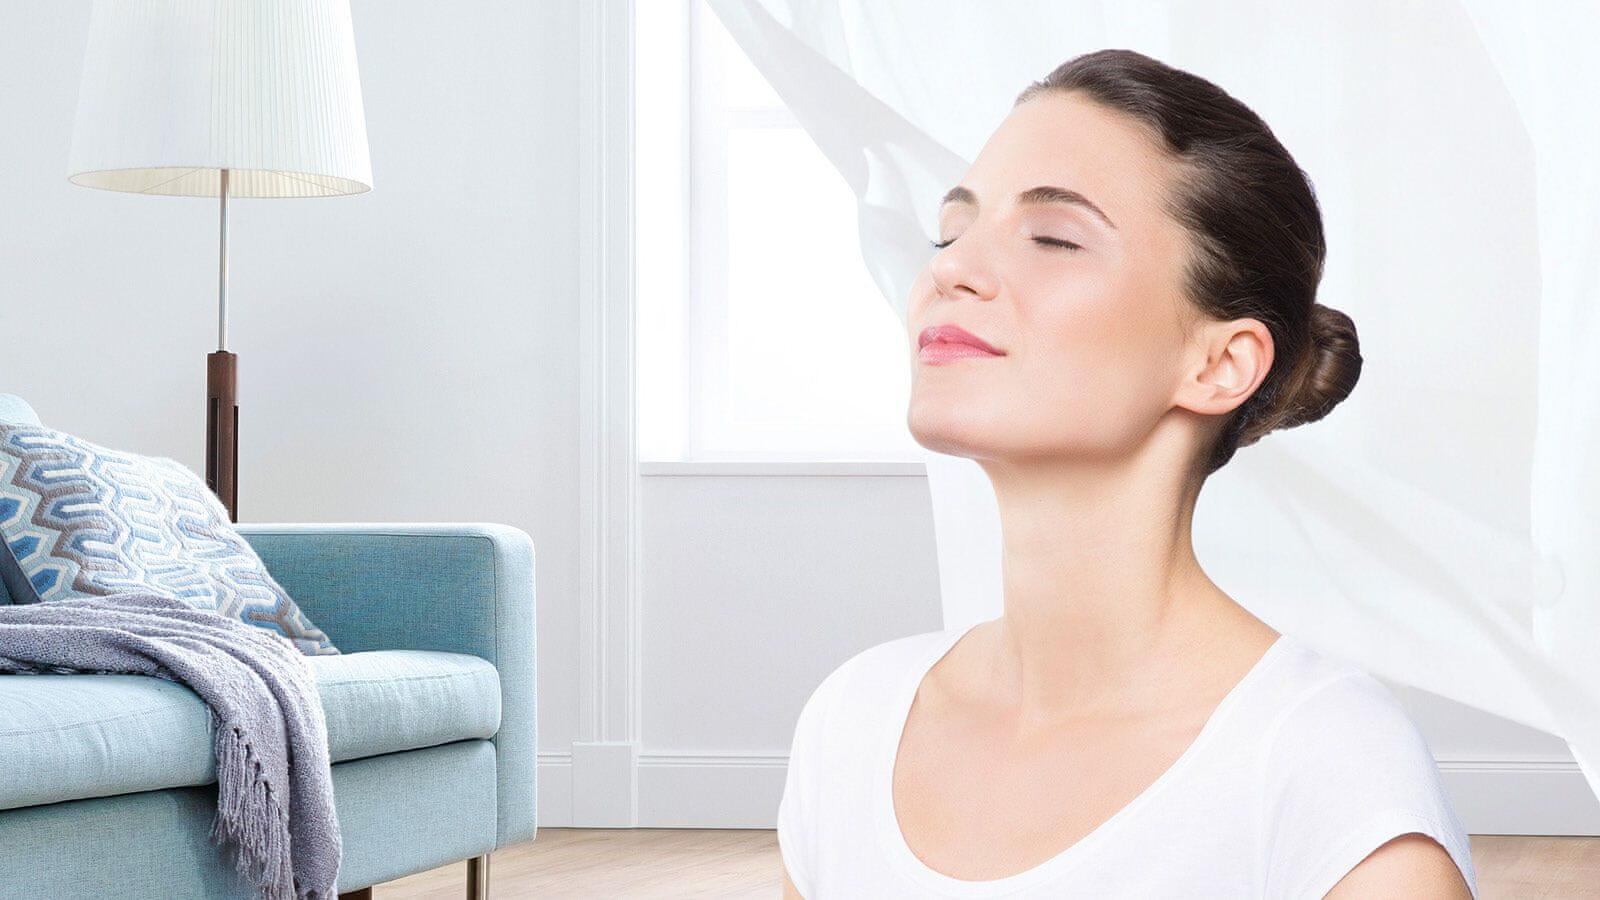 Izpušni zrak bo čistejši od zraka v vašem domu